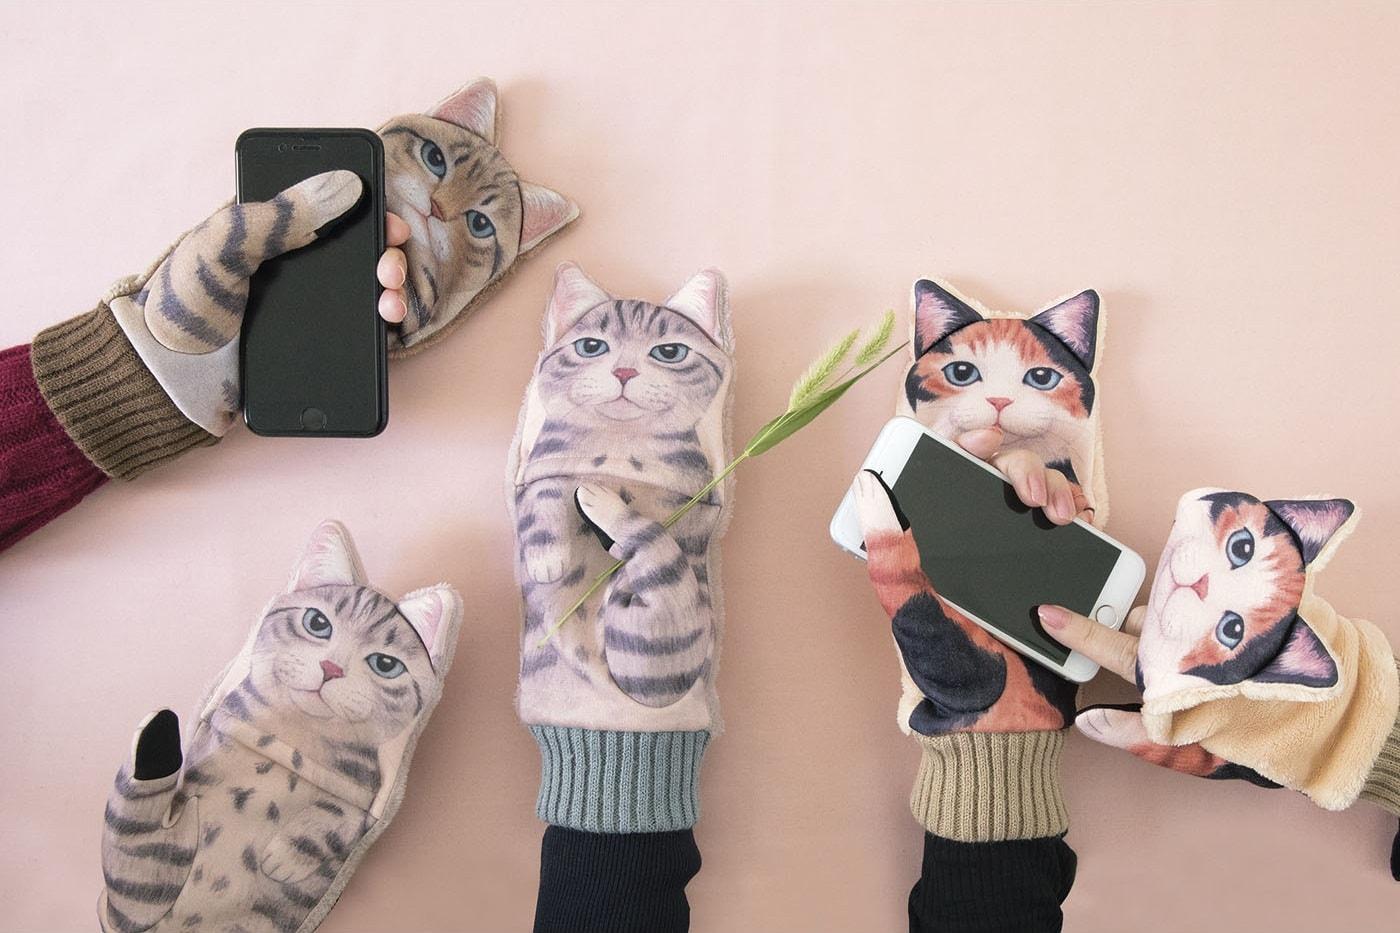 スマートフォン対応 ジャマ猫手袋